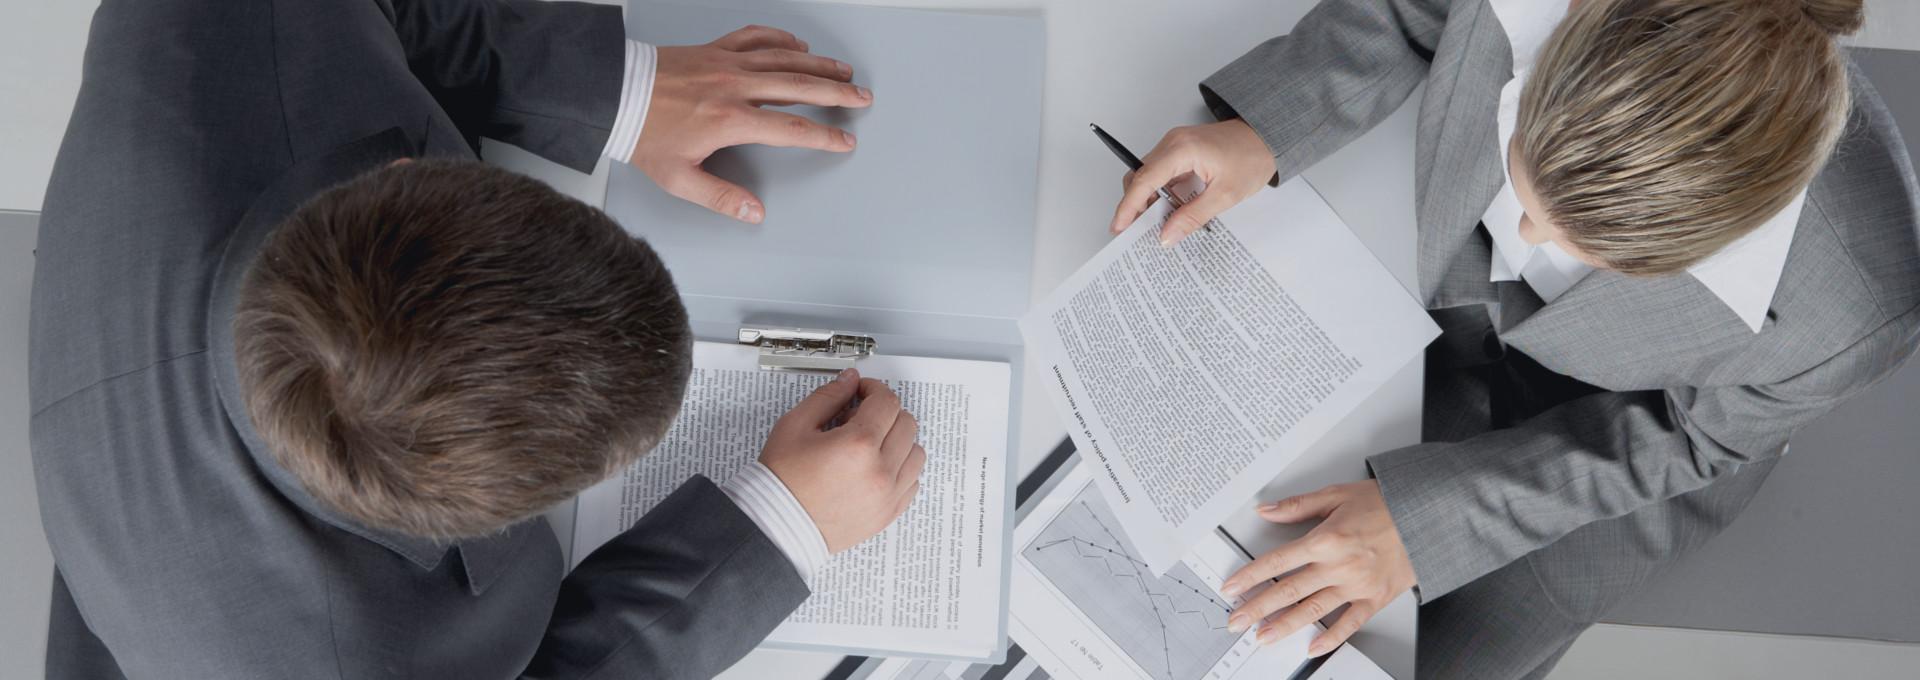 prawnicy radcowie prawni adwokaci